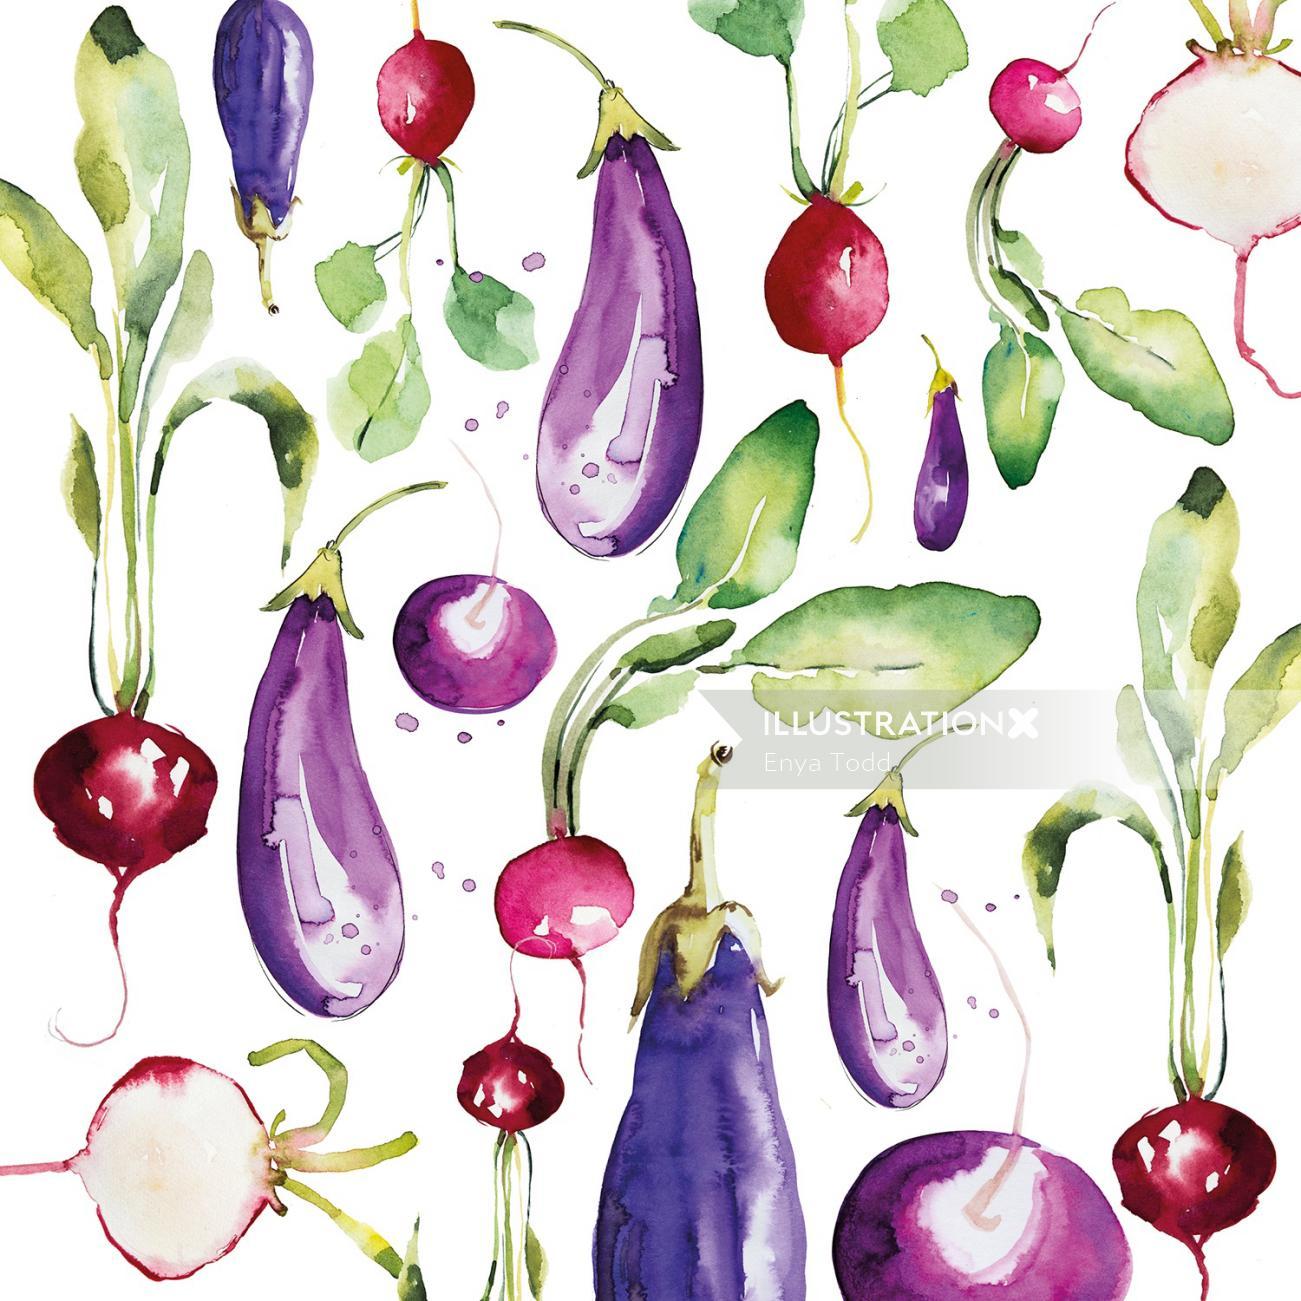 Food illustration of veggie